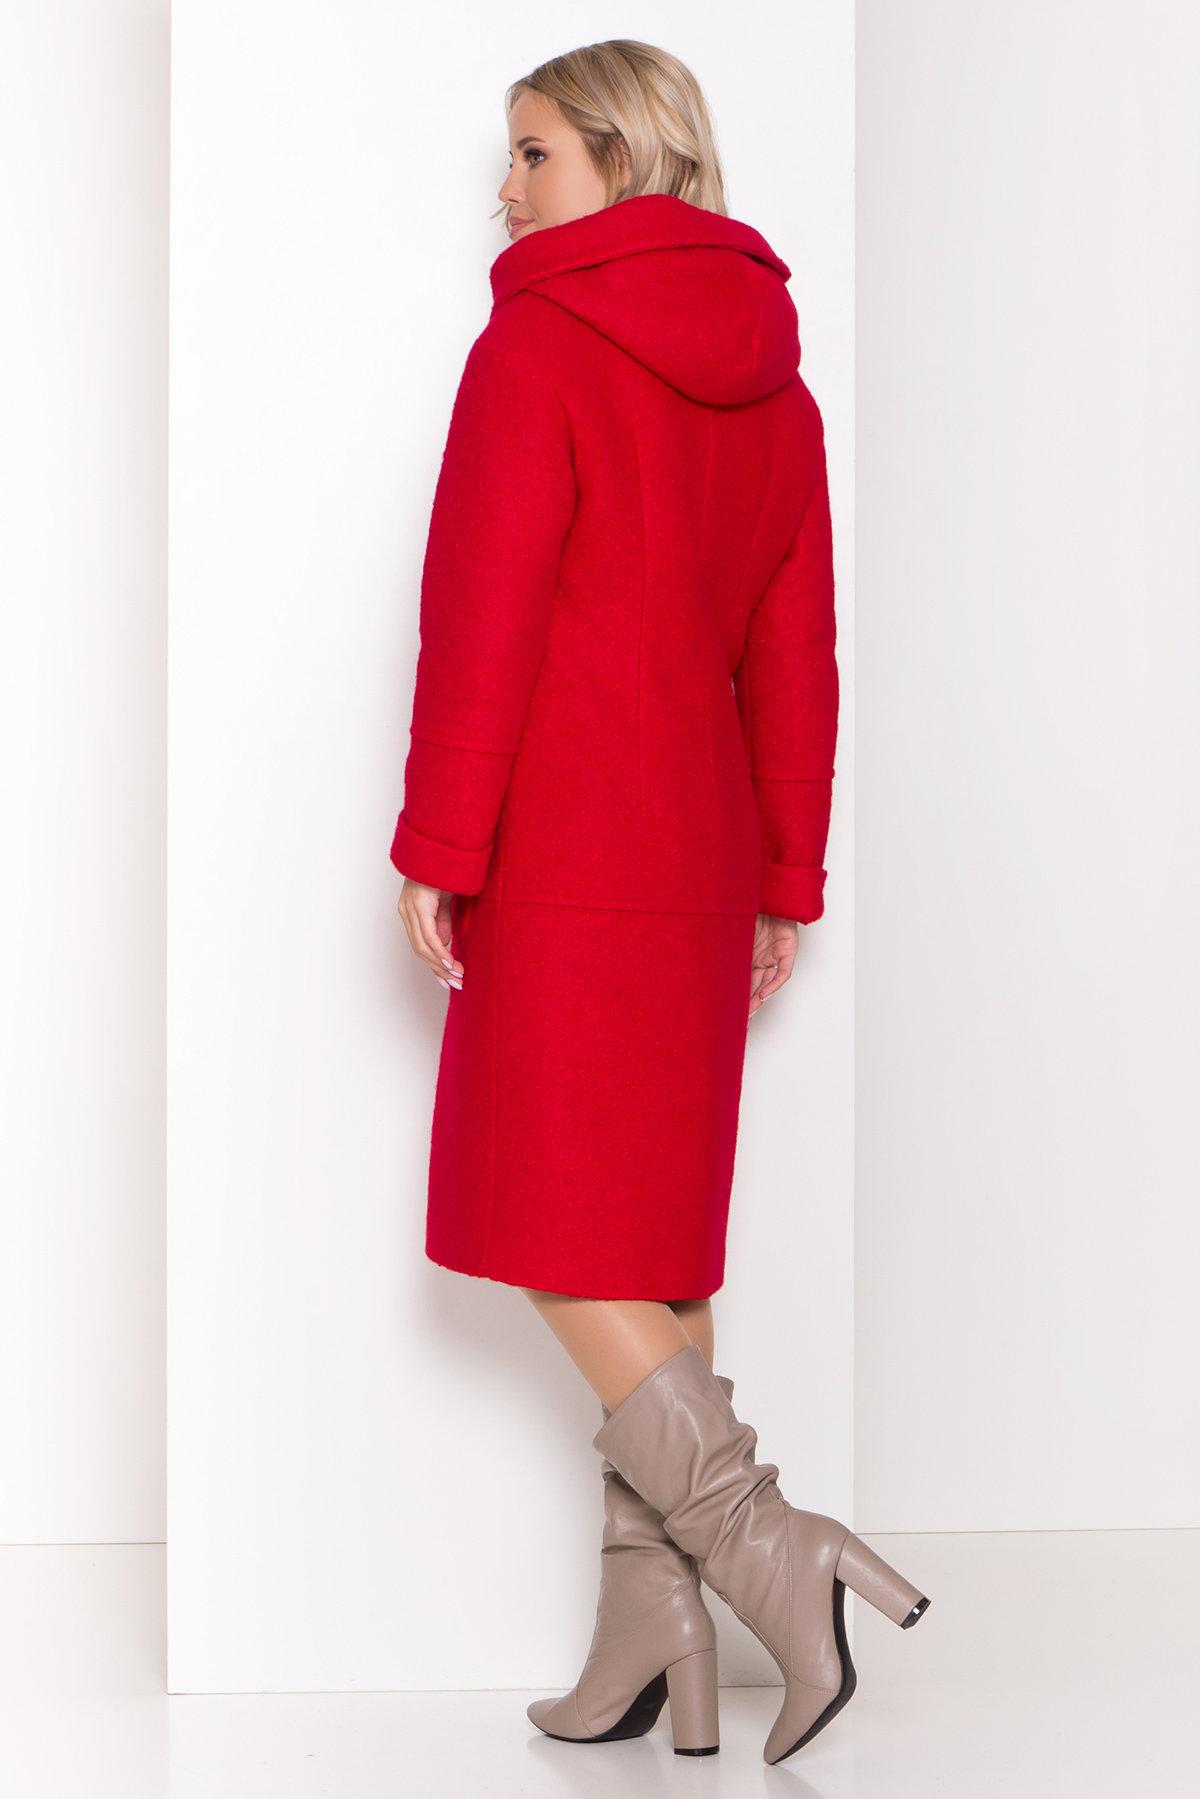 Пальто зима шерсть букле Анита 8320 АРТ. 44441 Цвет: Красный 1 - фото 3, интернет магазин tm-modus.ru